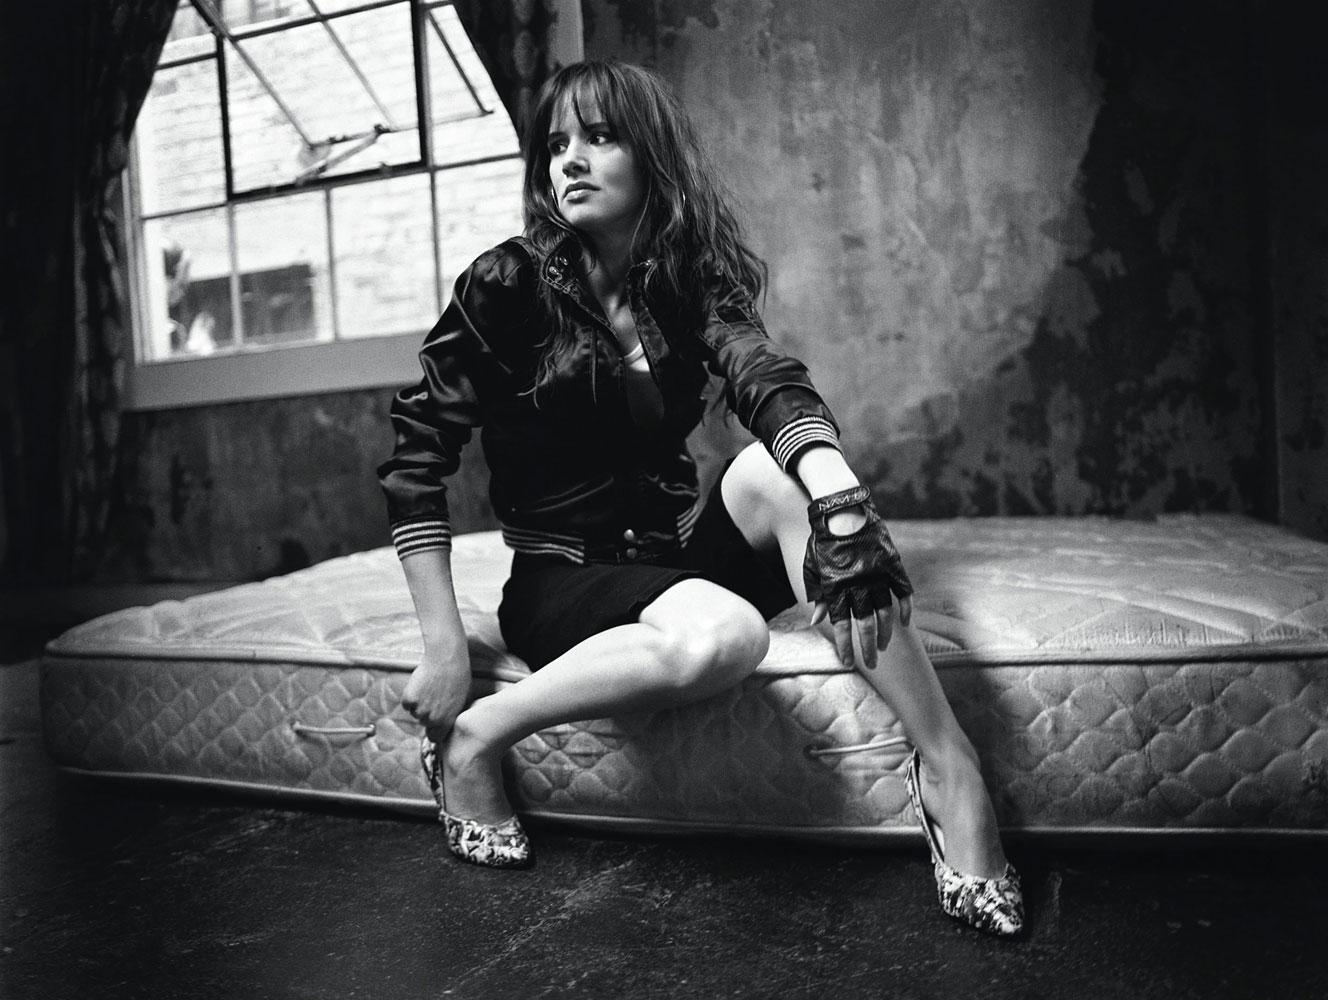 Juliette Lewis - Wikipedia